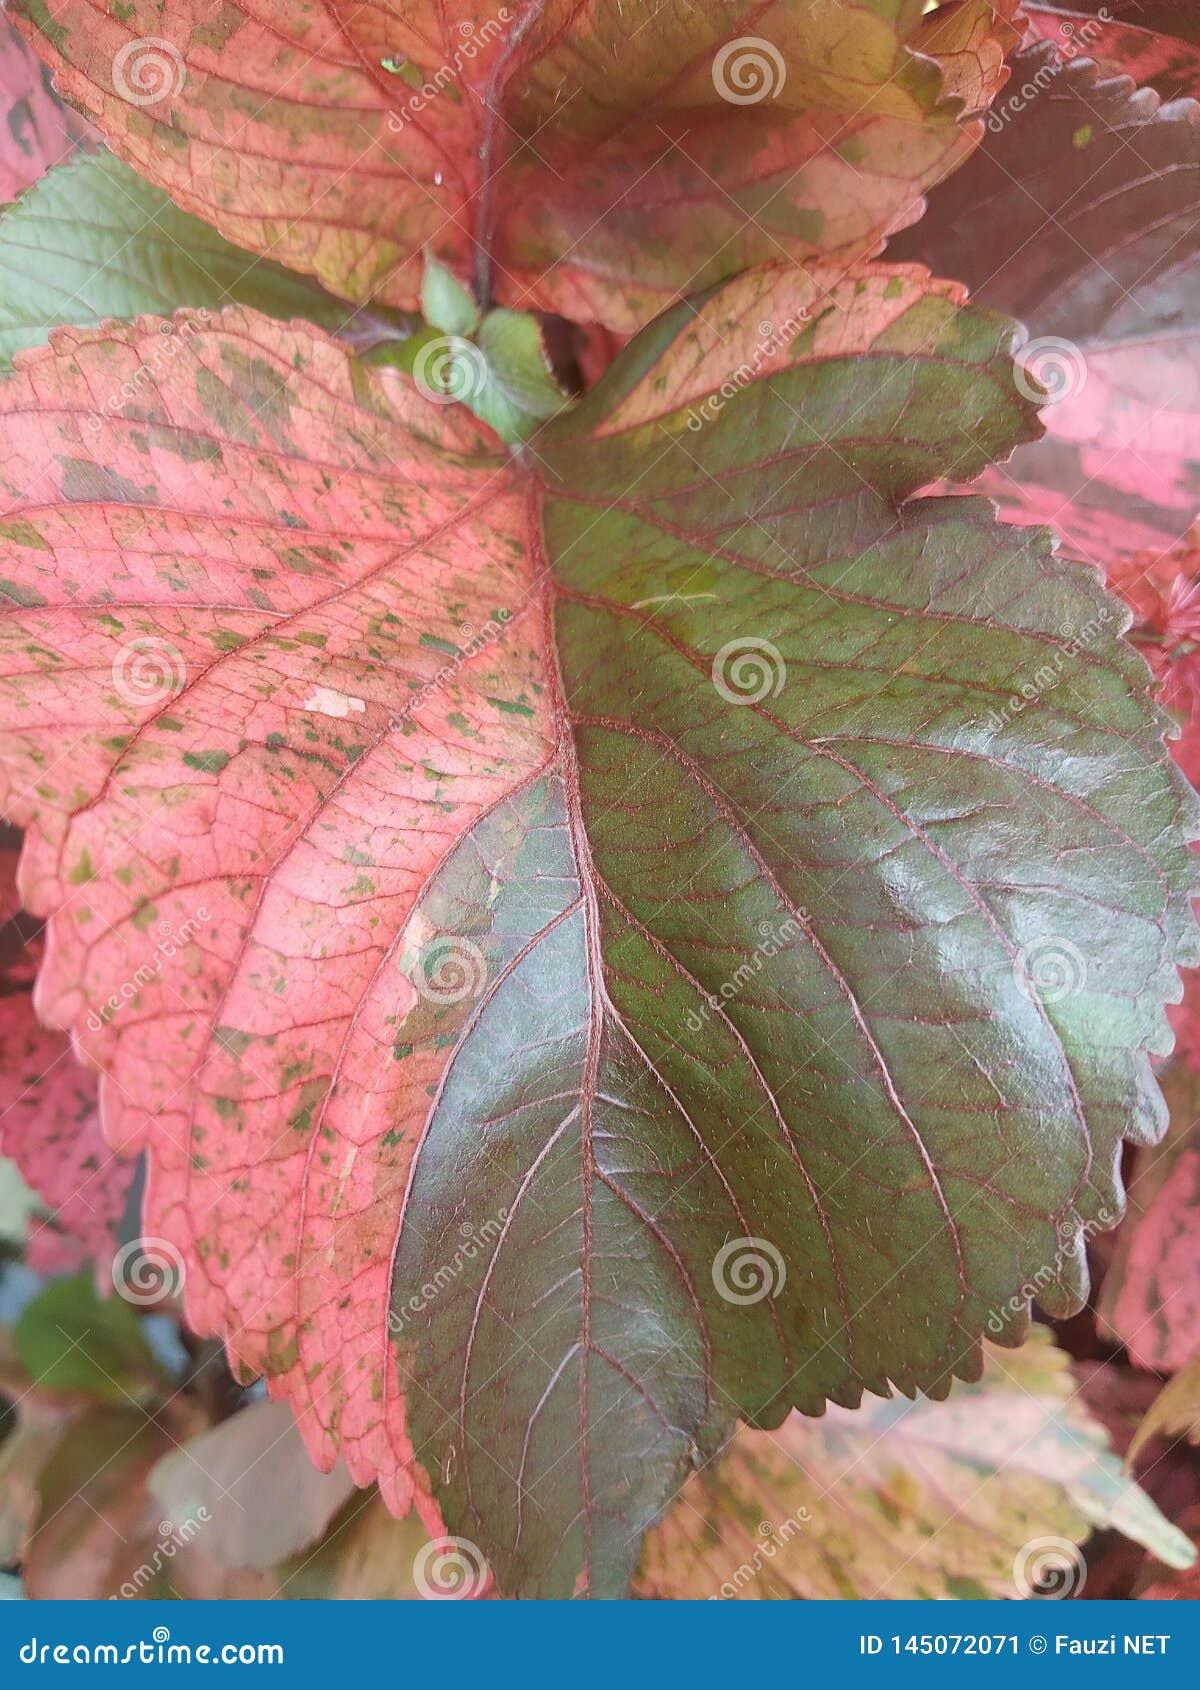 leaf color pattern